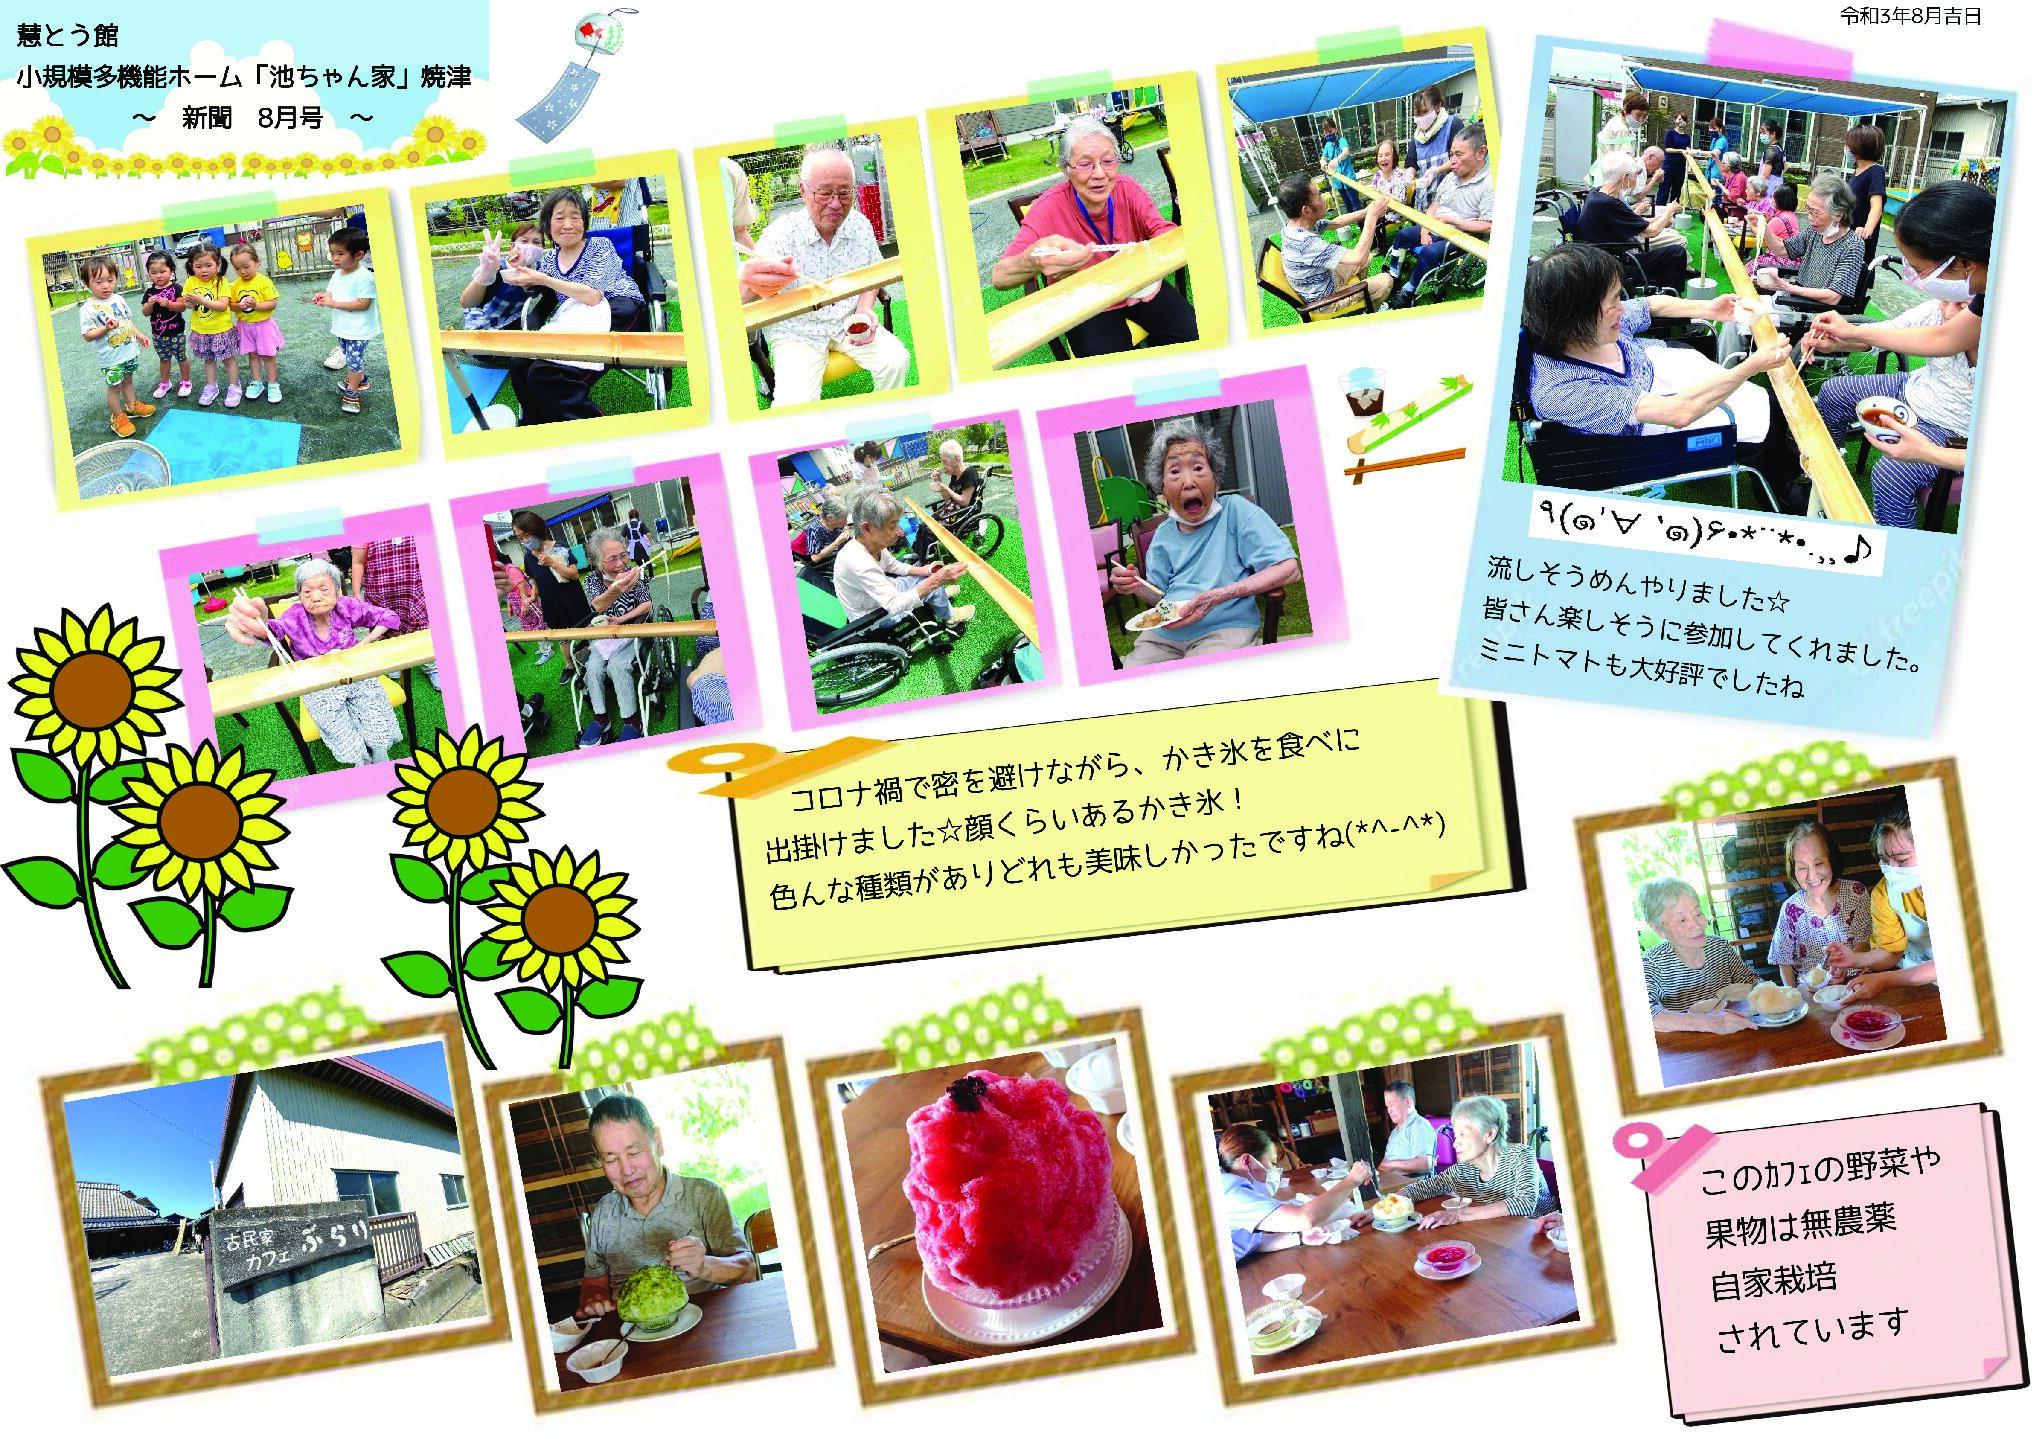 慧とう館R3年8月新聞